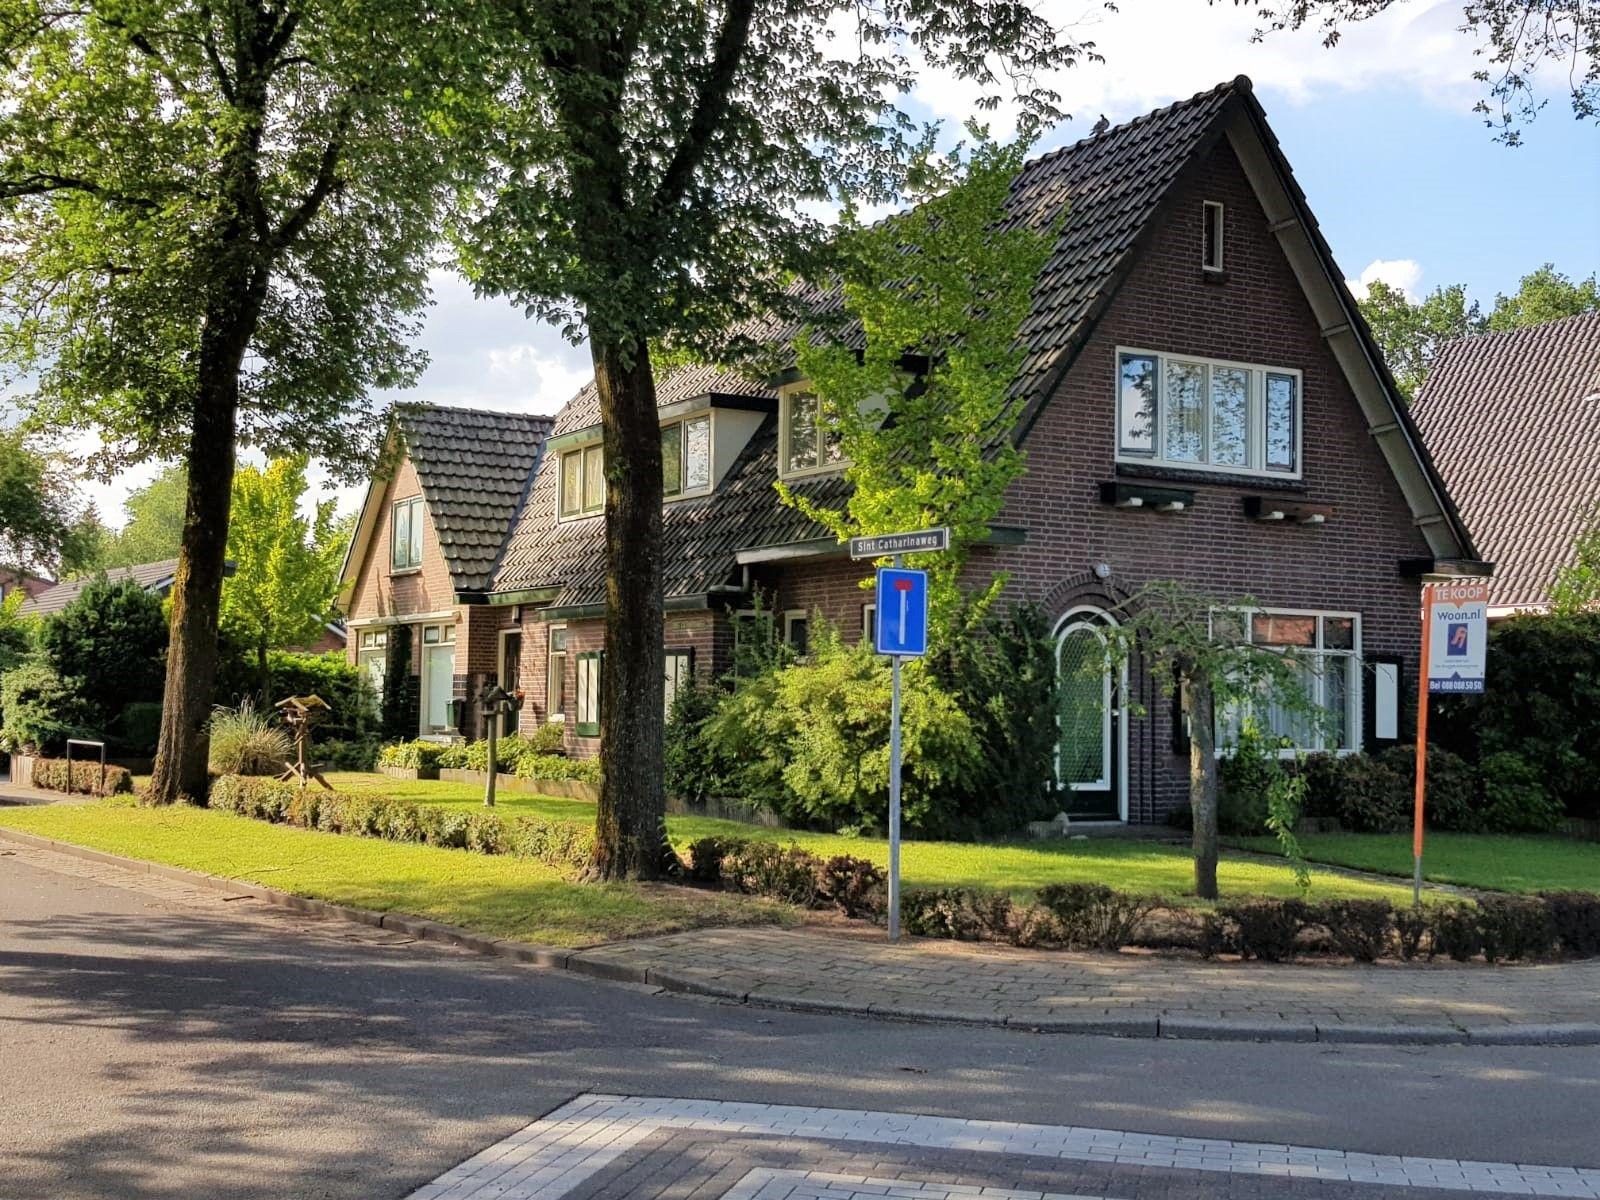 Haverkampsweg 39, Epe